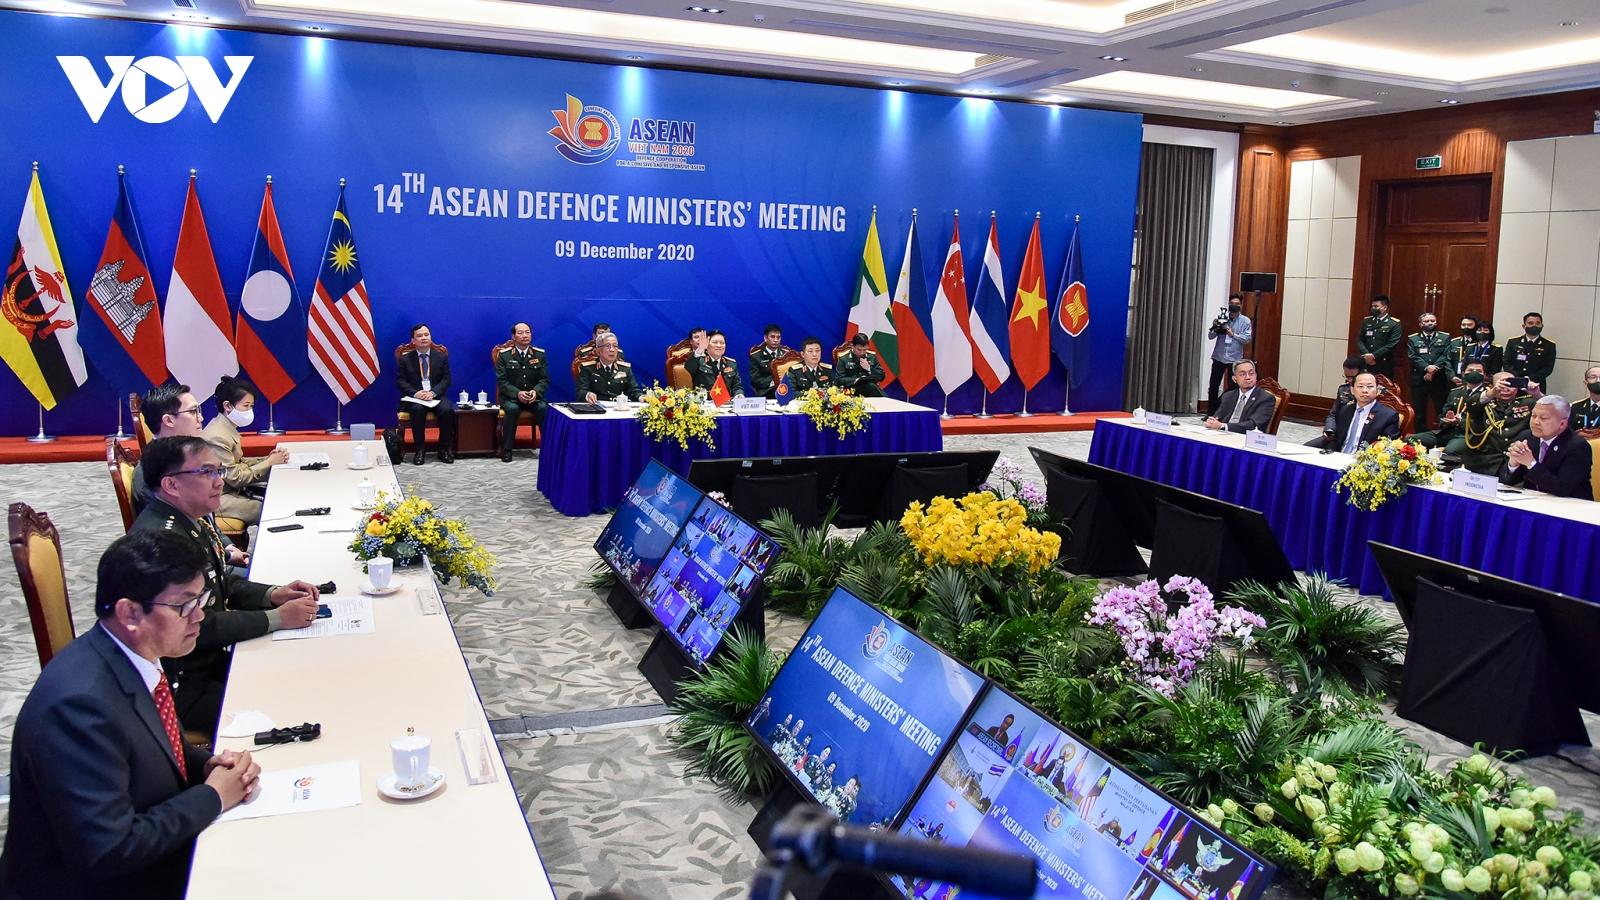 Hội nghị Bộ trưởng Quốc phòng ASEAN mở rộng họp trực tuyến từ Hà Nội